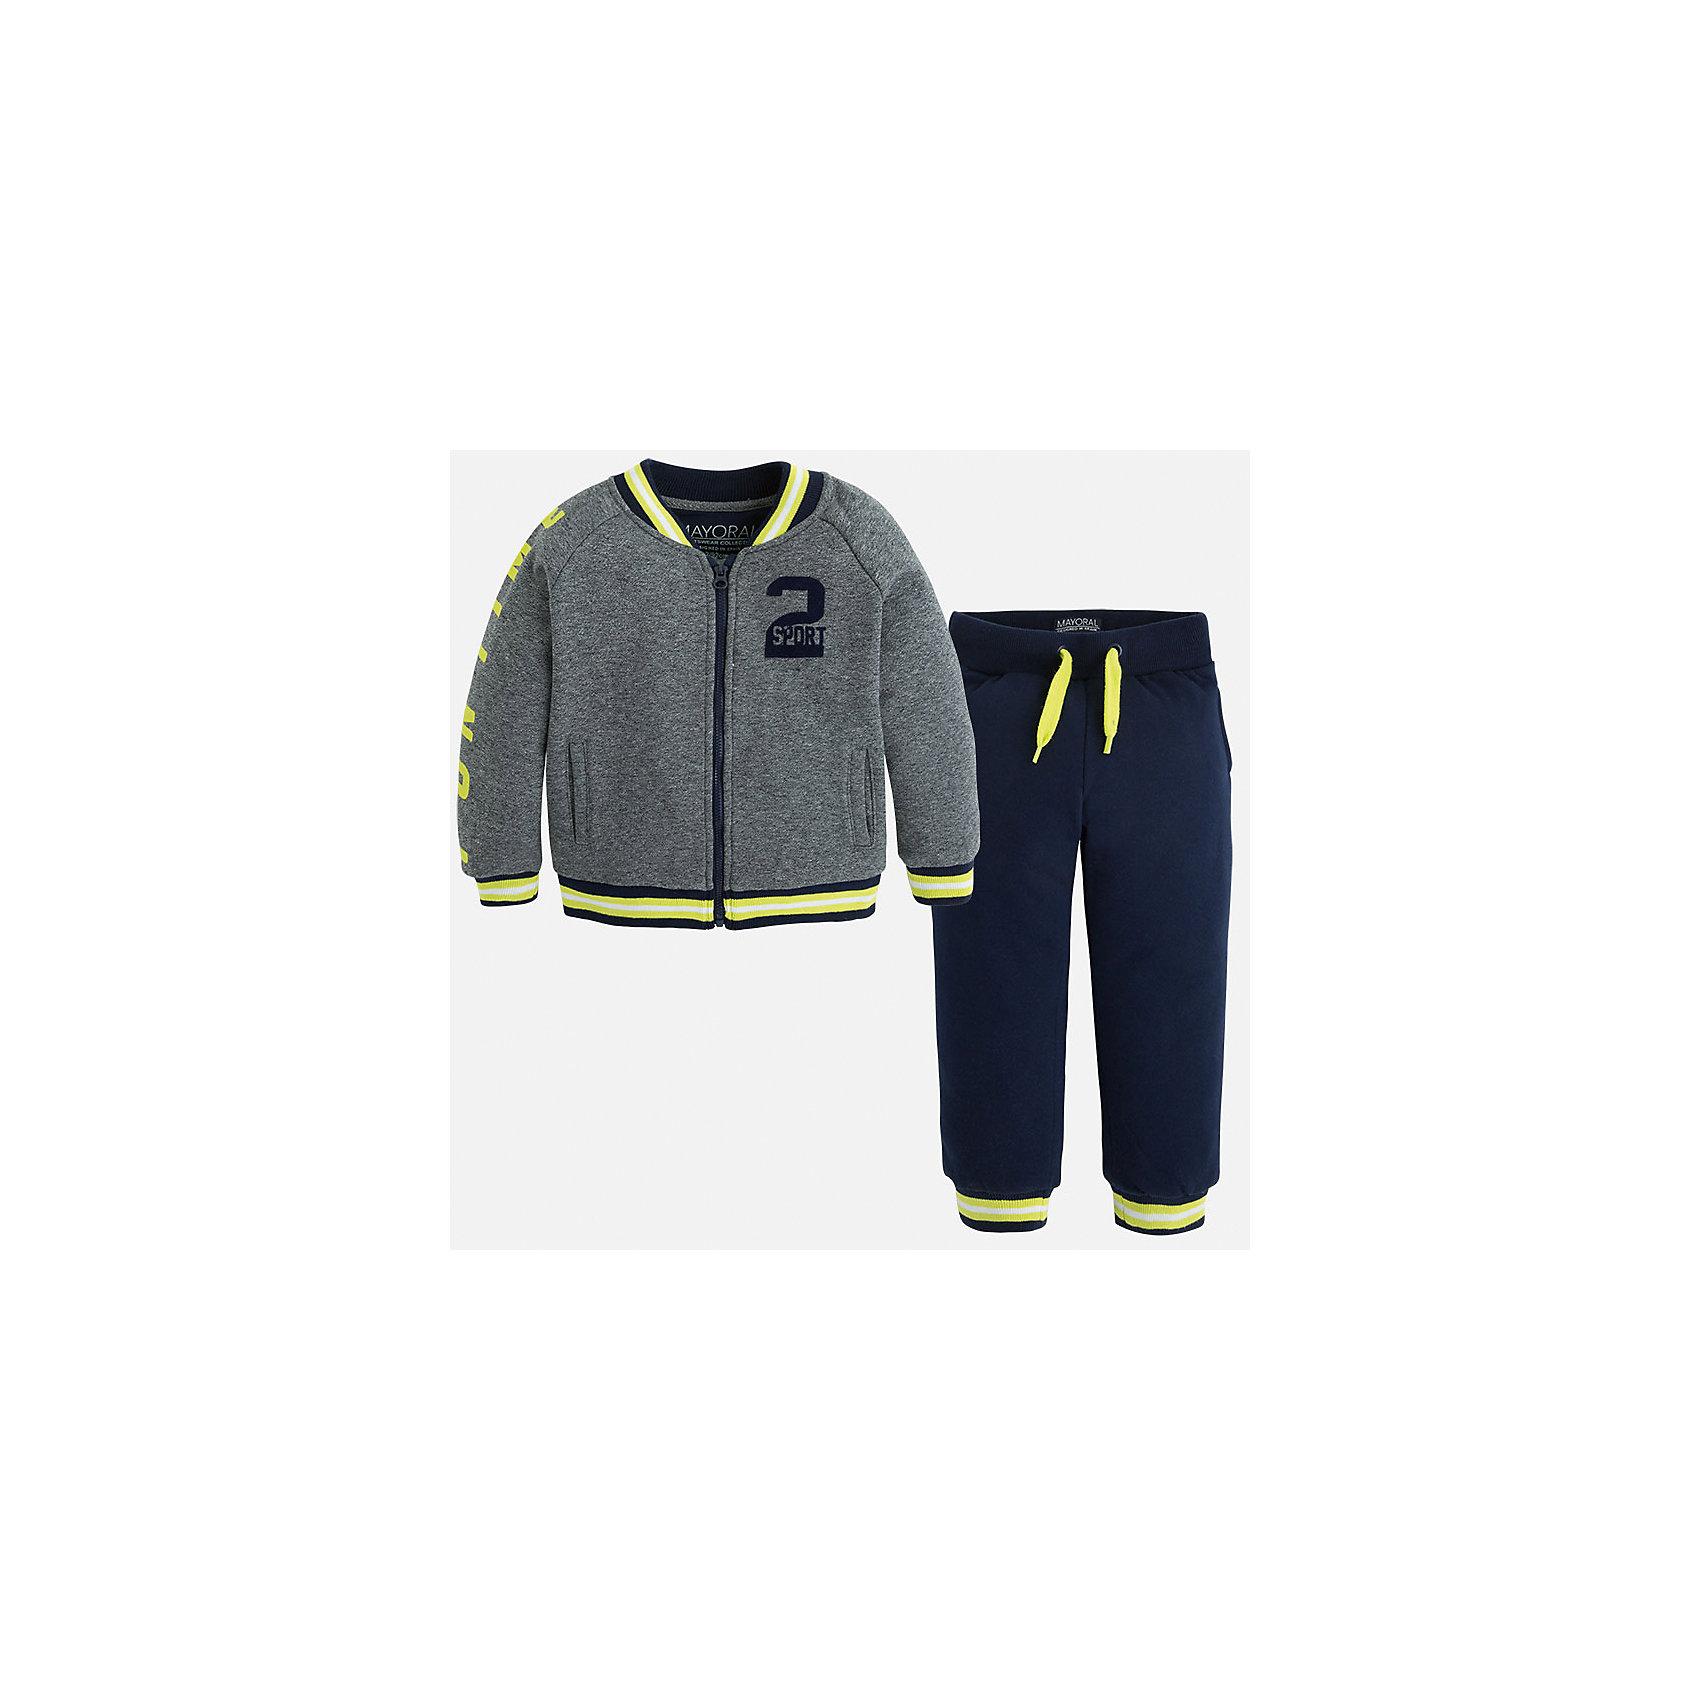 Mayoral Спортивный костюм для мальчика Mayoral в каком магазине в бибирево можно купить дшево косметику dbib